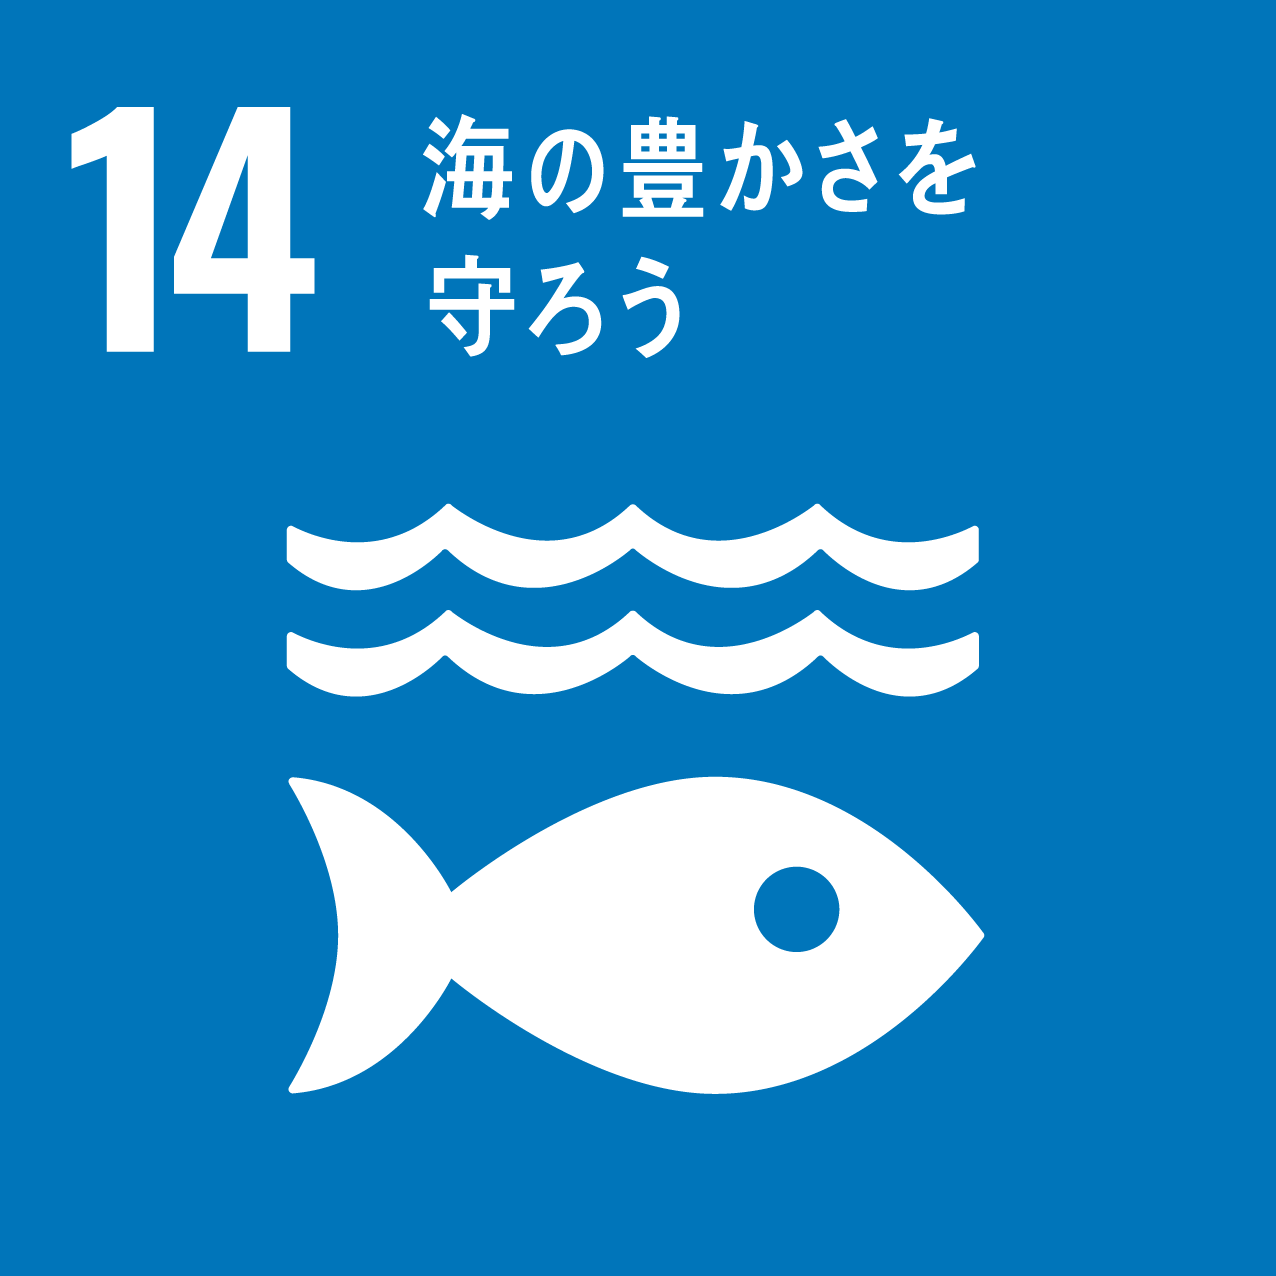 SDG's icon No14